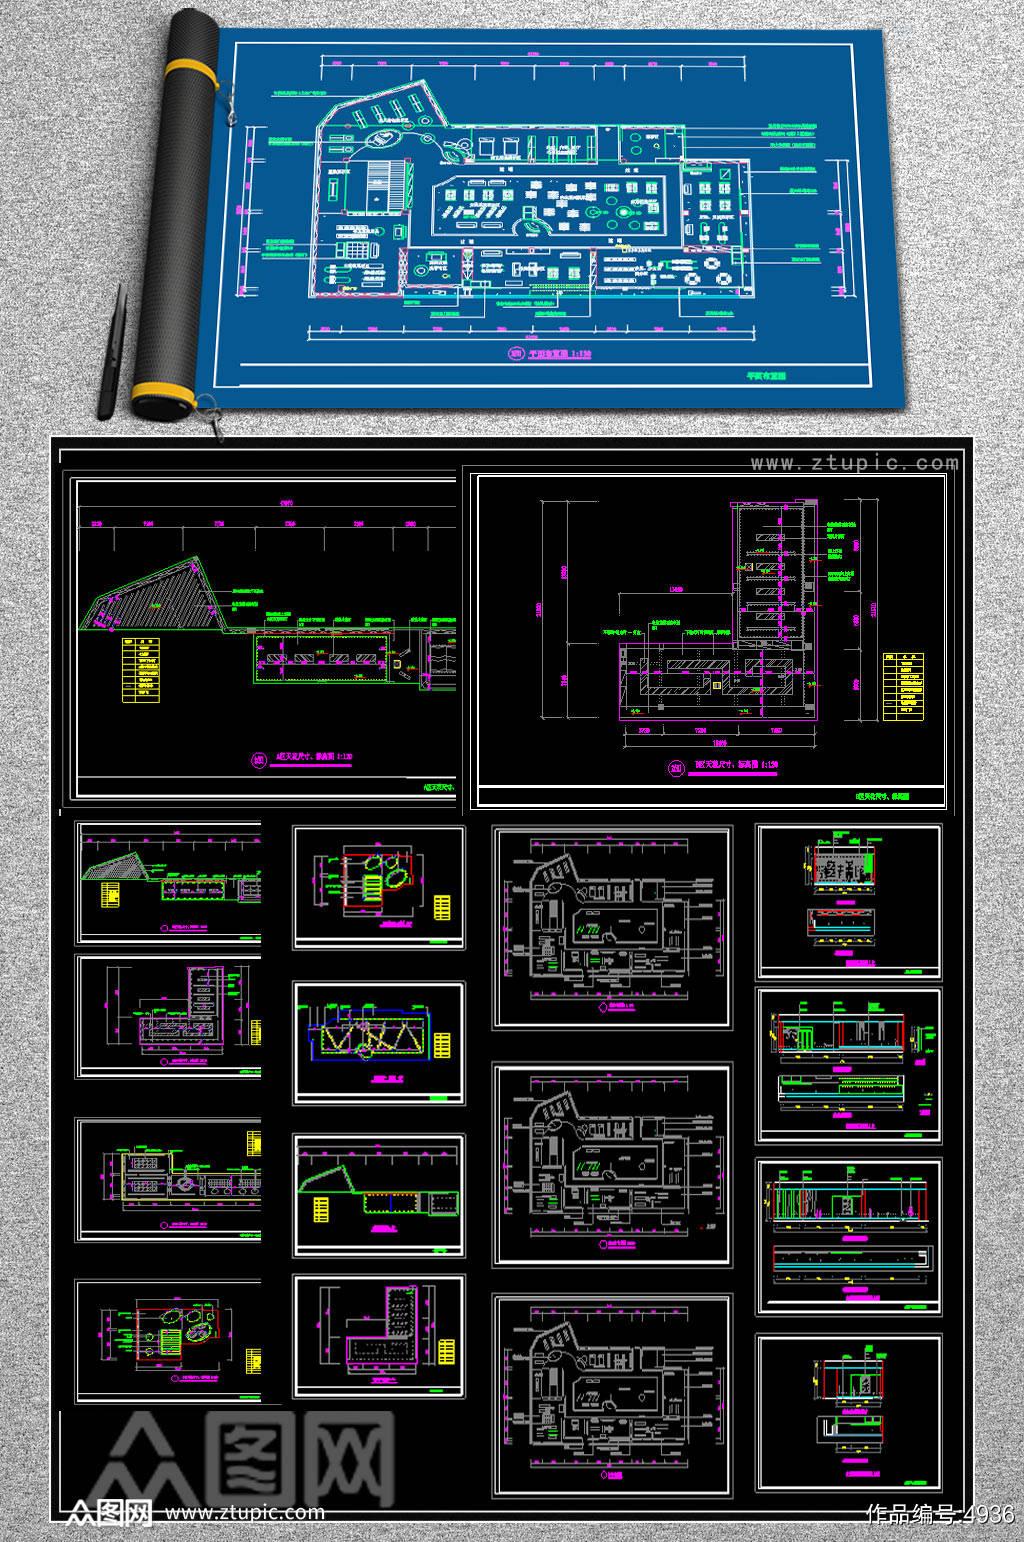 原创全套服装店CAD施工图素材